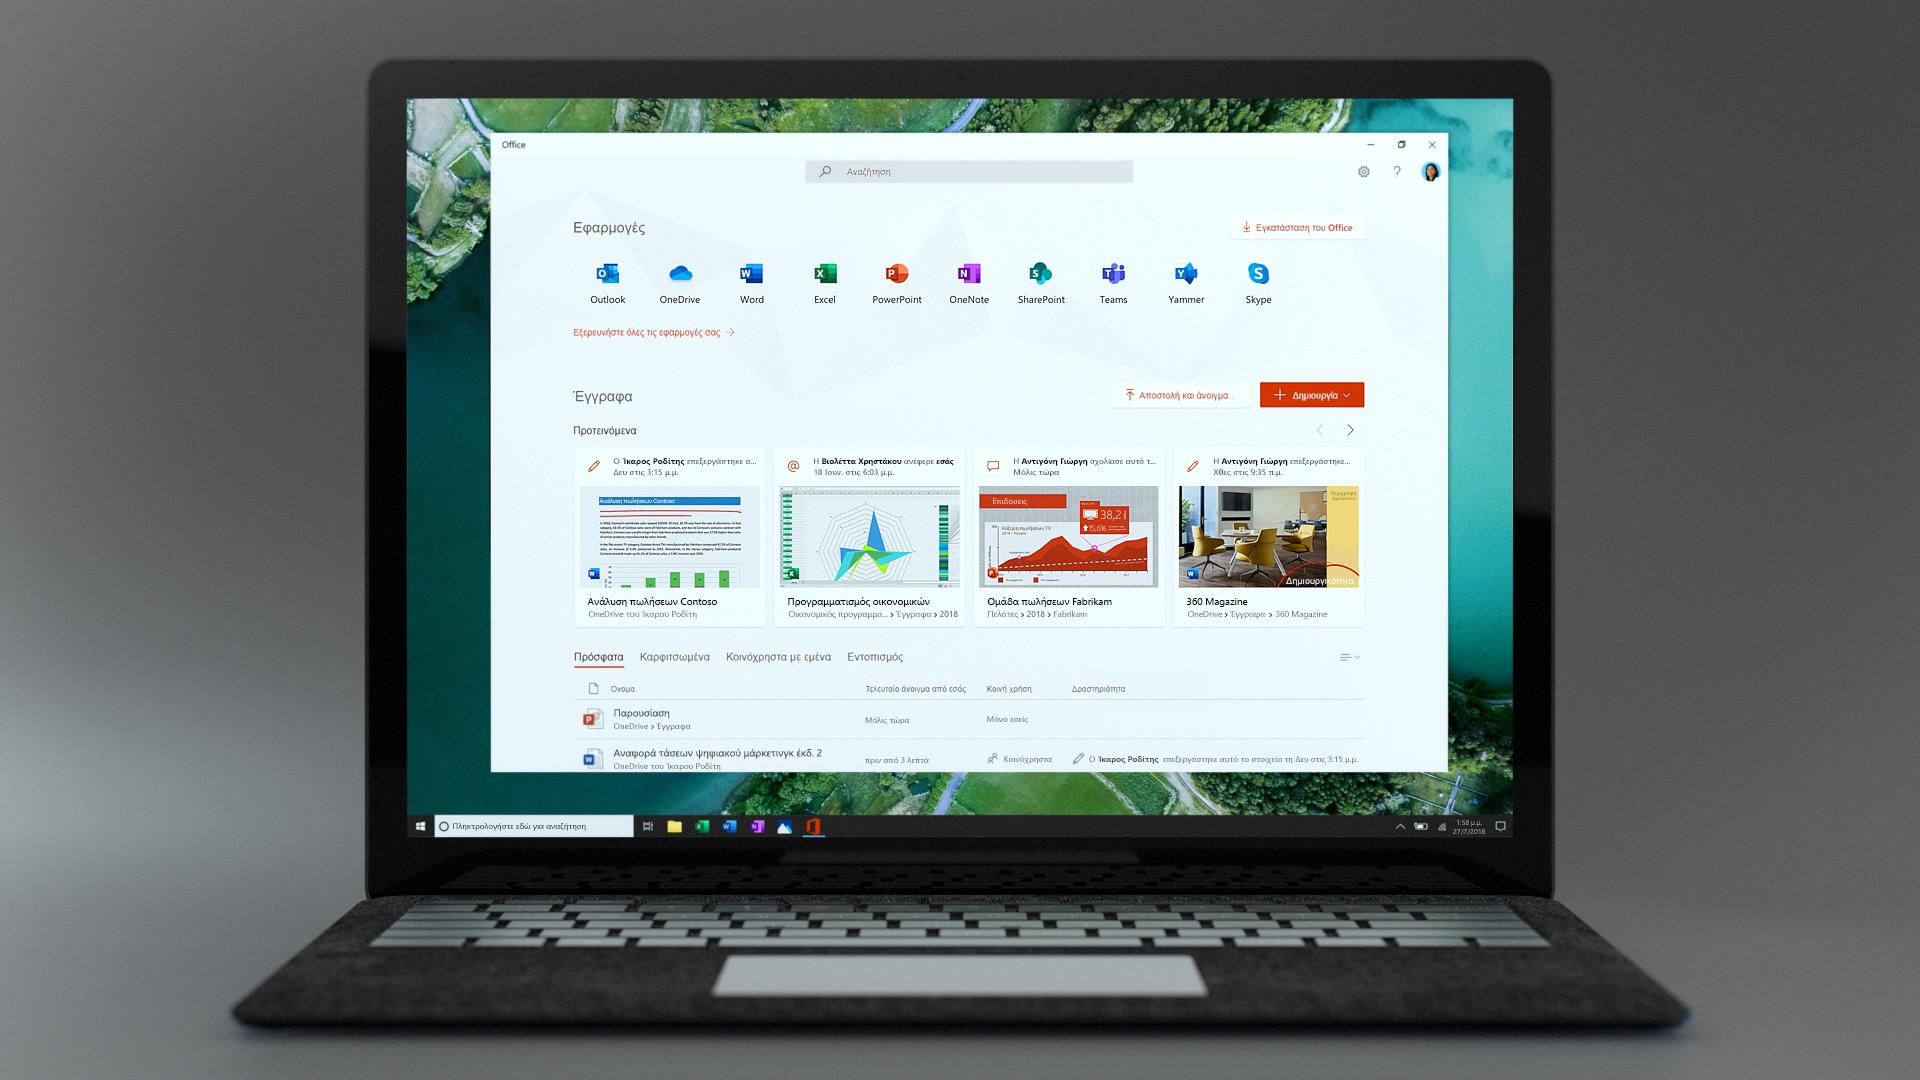 Εικόνα ενός φορητού υπολογιστή που είναι ανοιχτός και εμφανίζει τη νέα εφαρμογή Office στην οθόνη του.